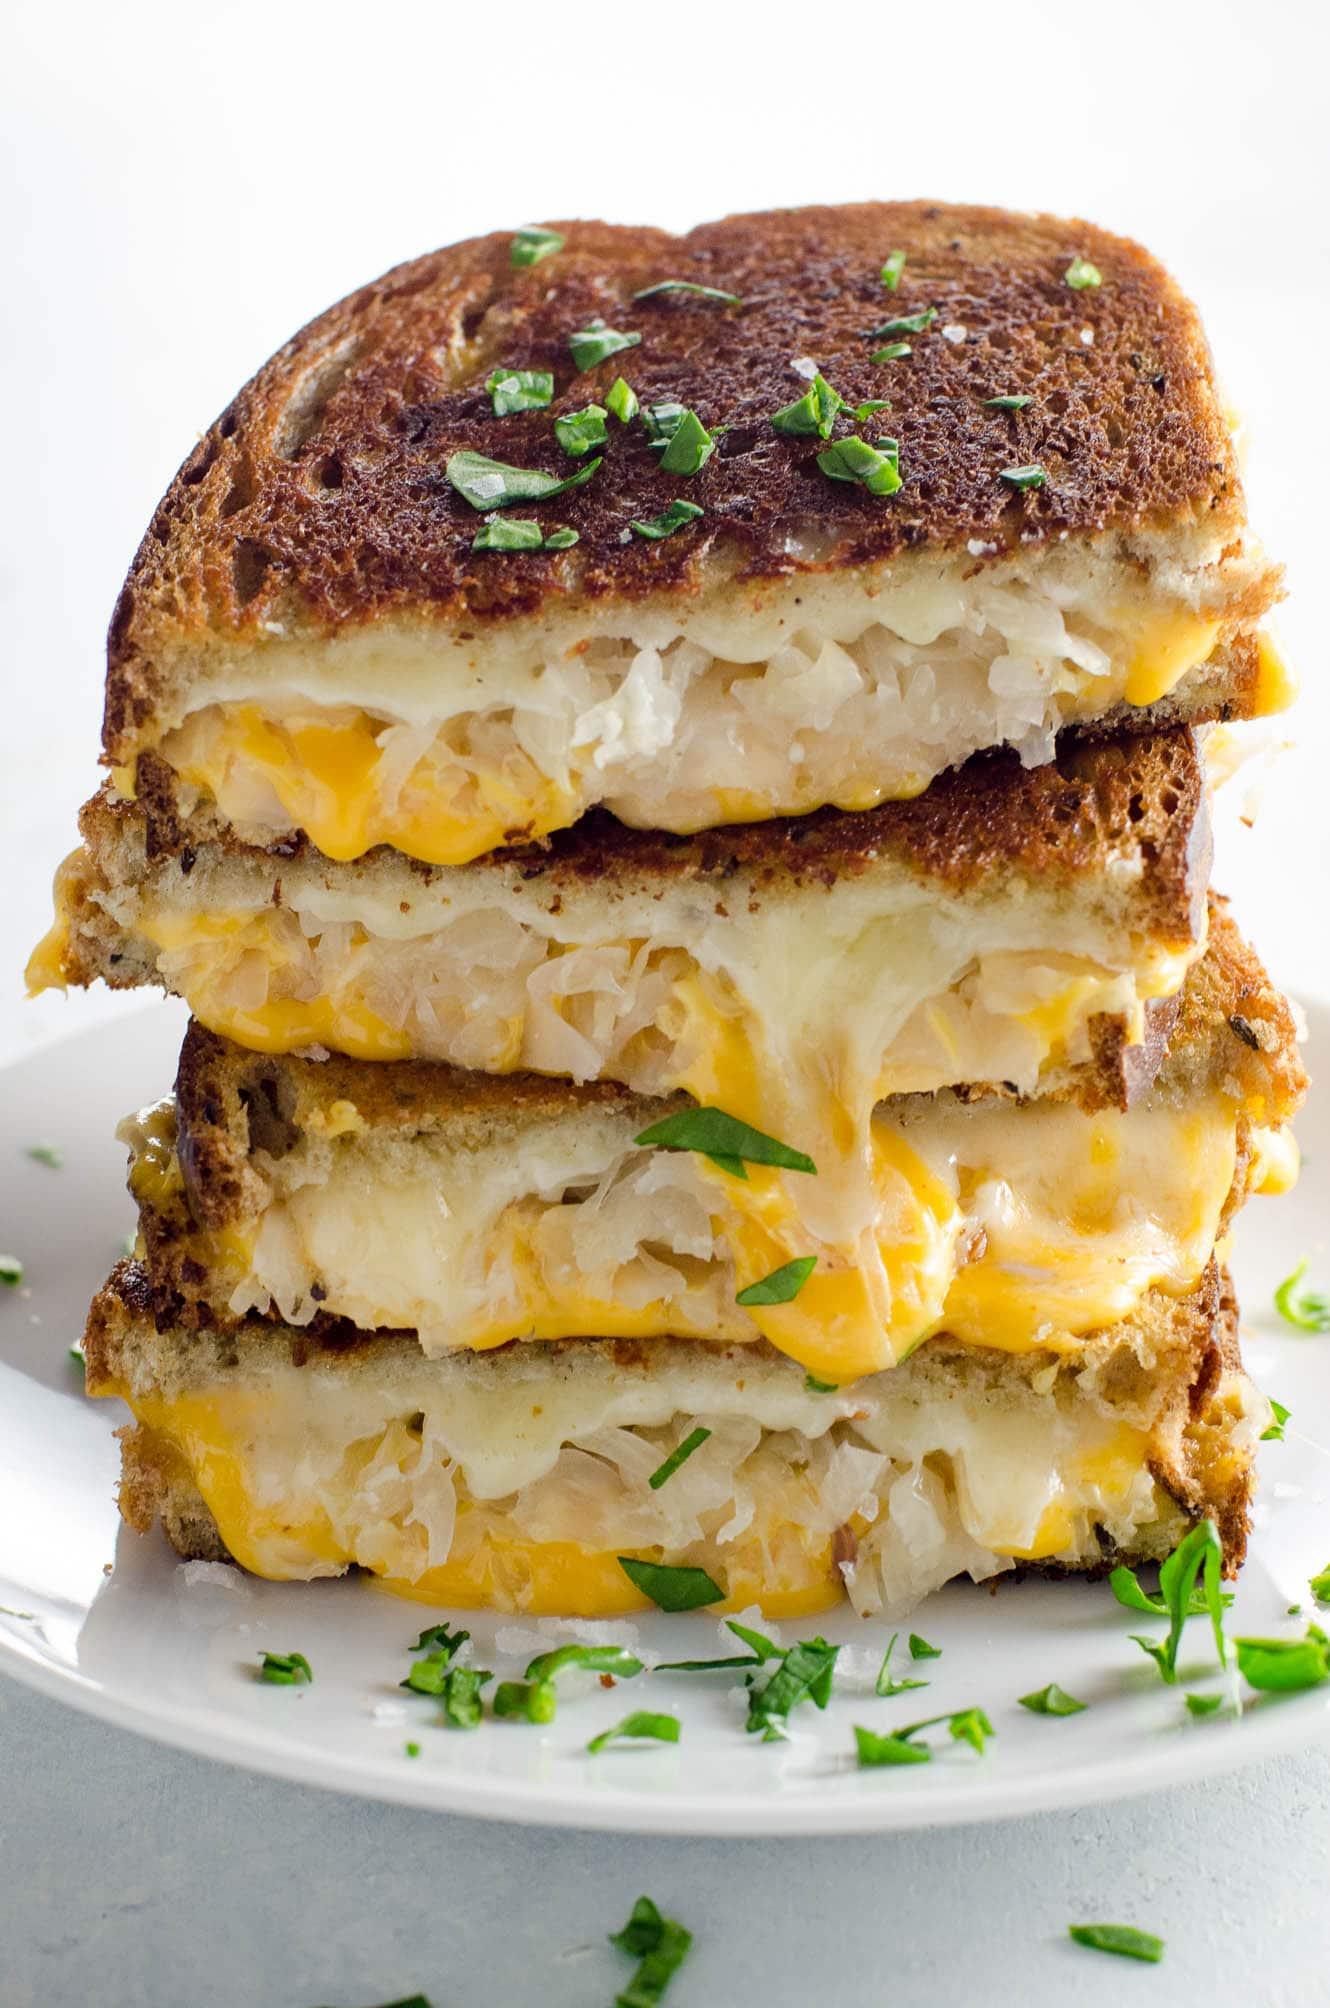 Sauerkraut grilled cheese